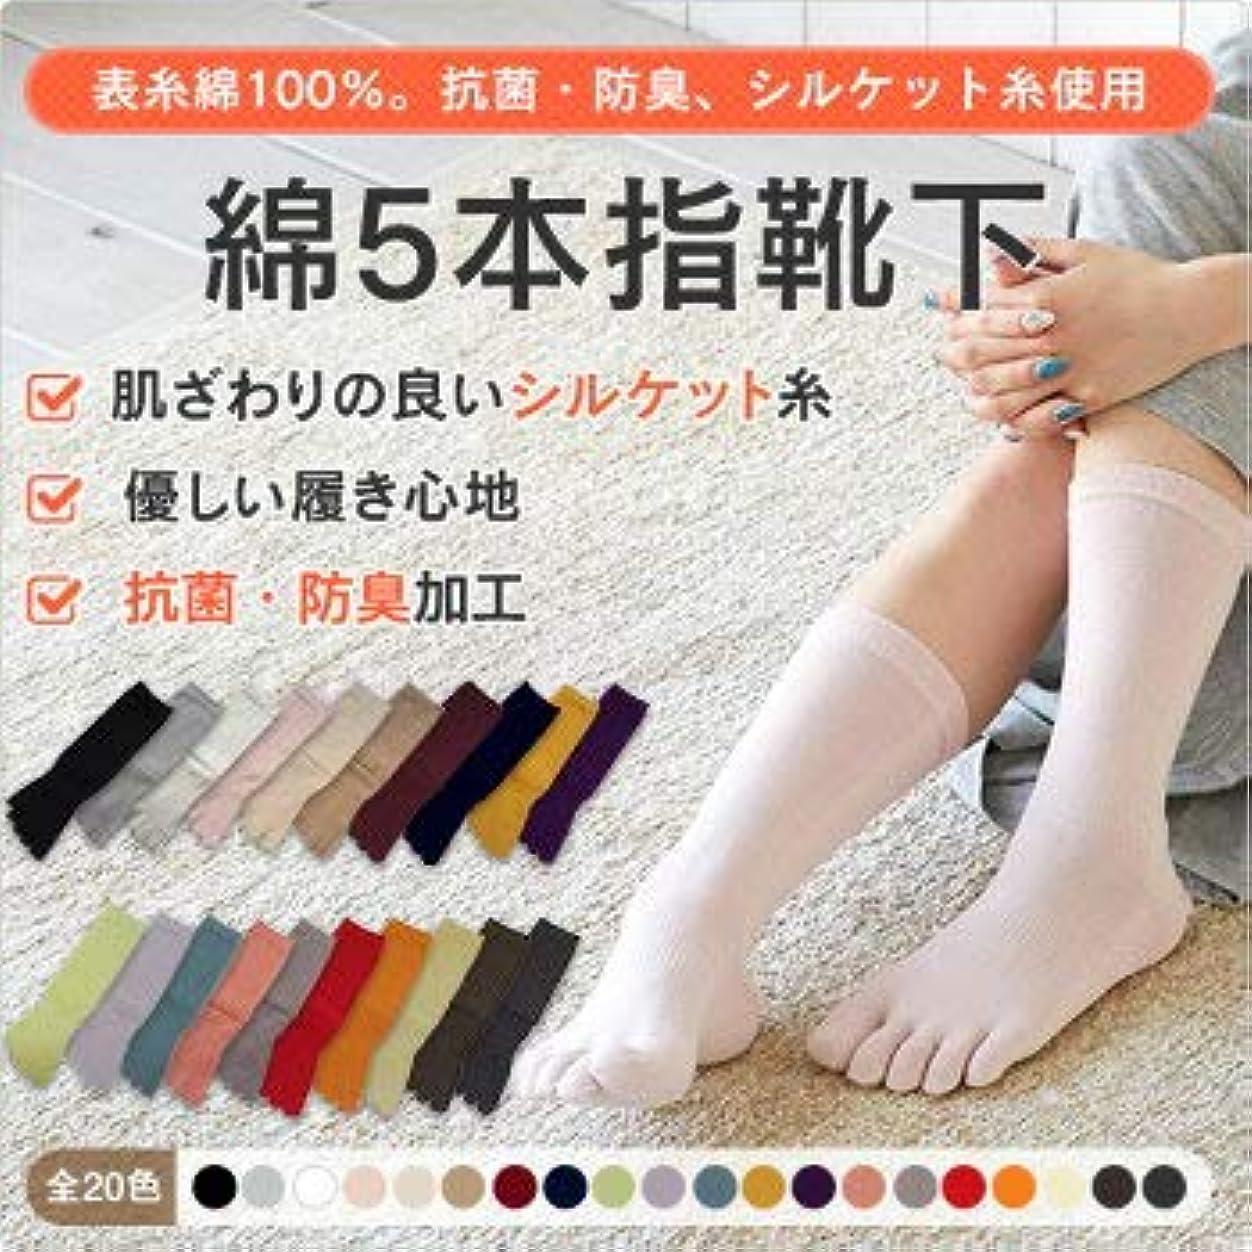 リールバンガロー説明的選べる5色 女性用 5本指 ソックス 抗菌防臭 加工 綿100%糸使用 5色組 老舗 靴下 メーカーのこだわり 23-25cm 太陽ニット 3205P